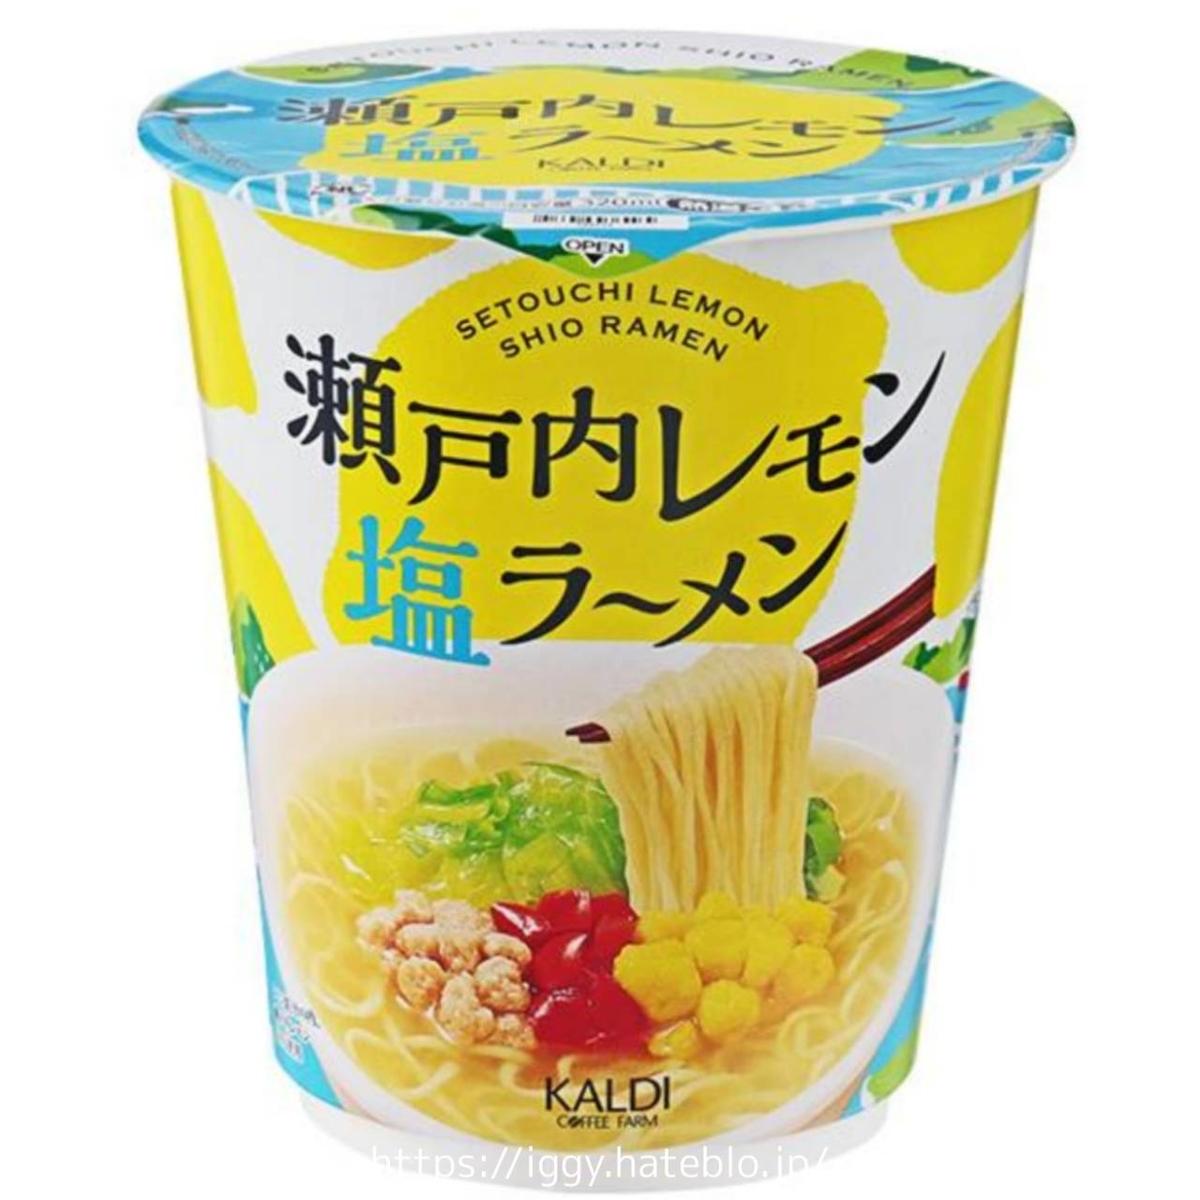 カルディ おすすめ商品「瀬戸内レモンラーメン」口コミ レビュー